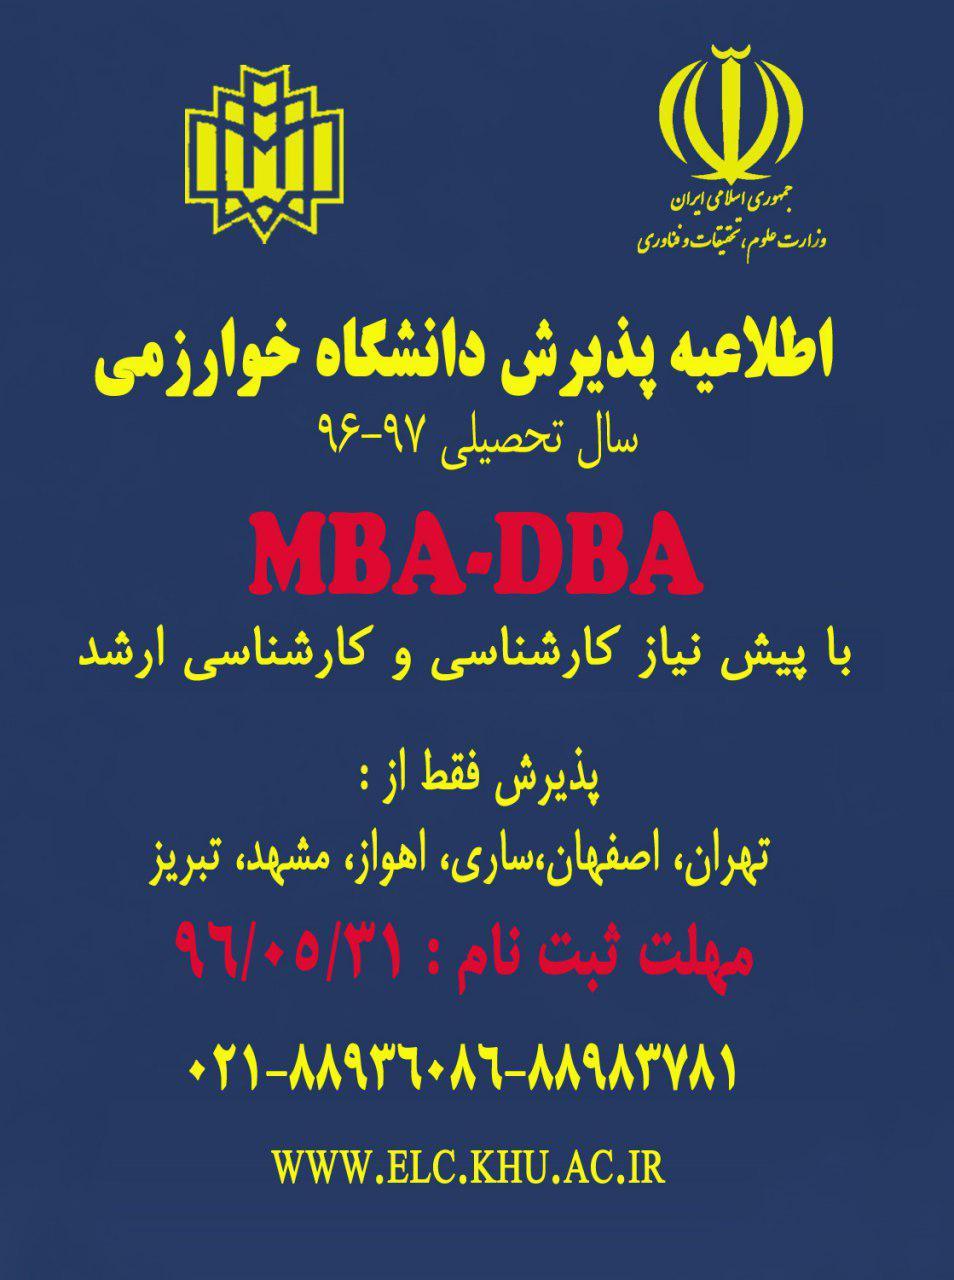 اطلاعیه پذیرش دانشجو در رشته mba و dba در شهرستان ها